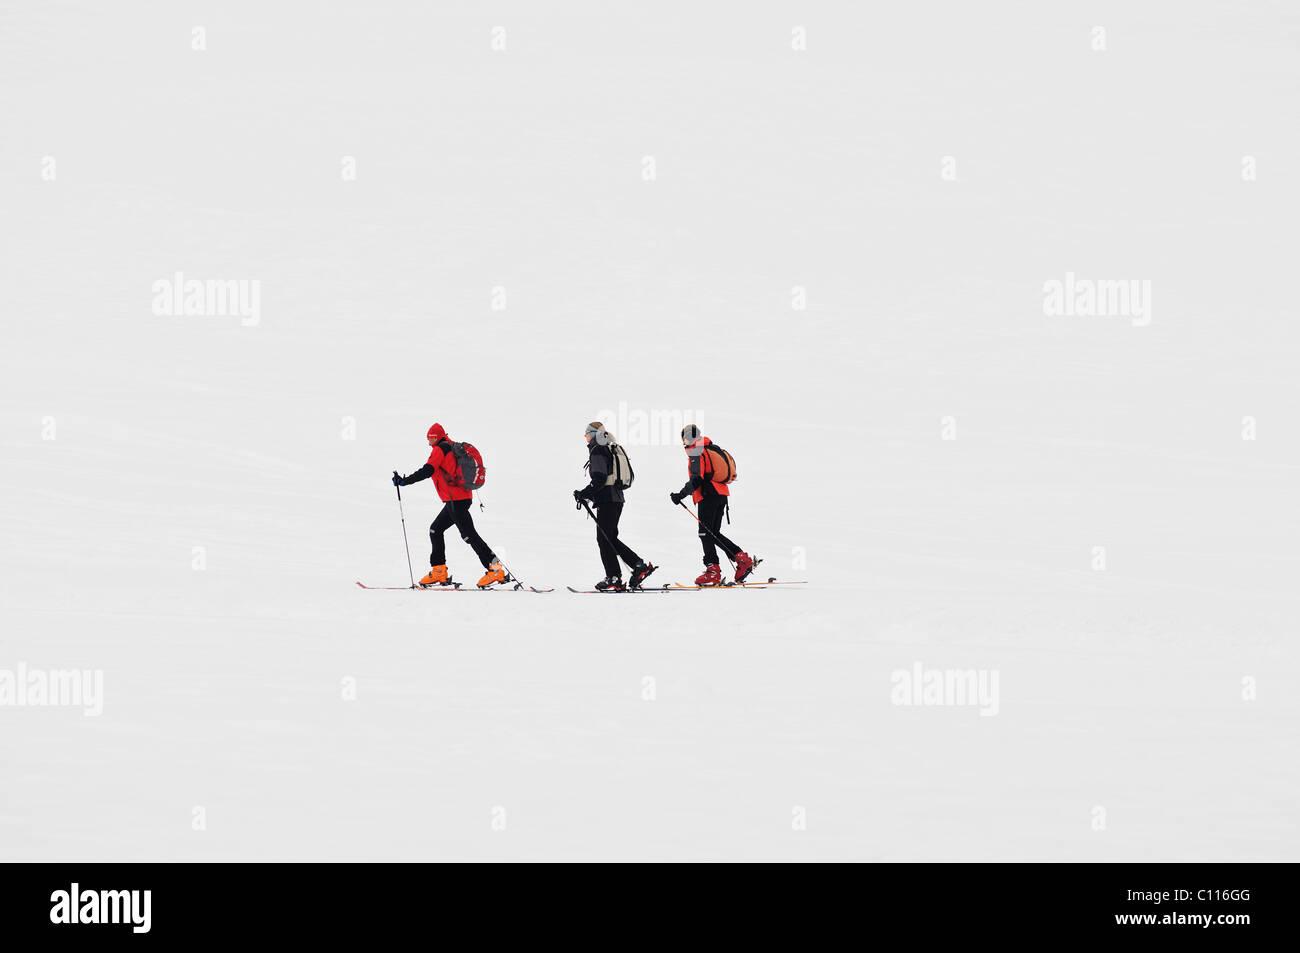 Tres excursionistas de esquí Imagen De Stock